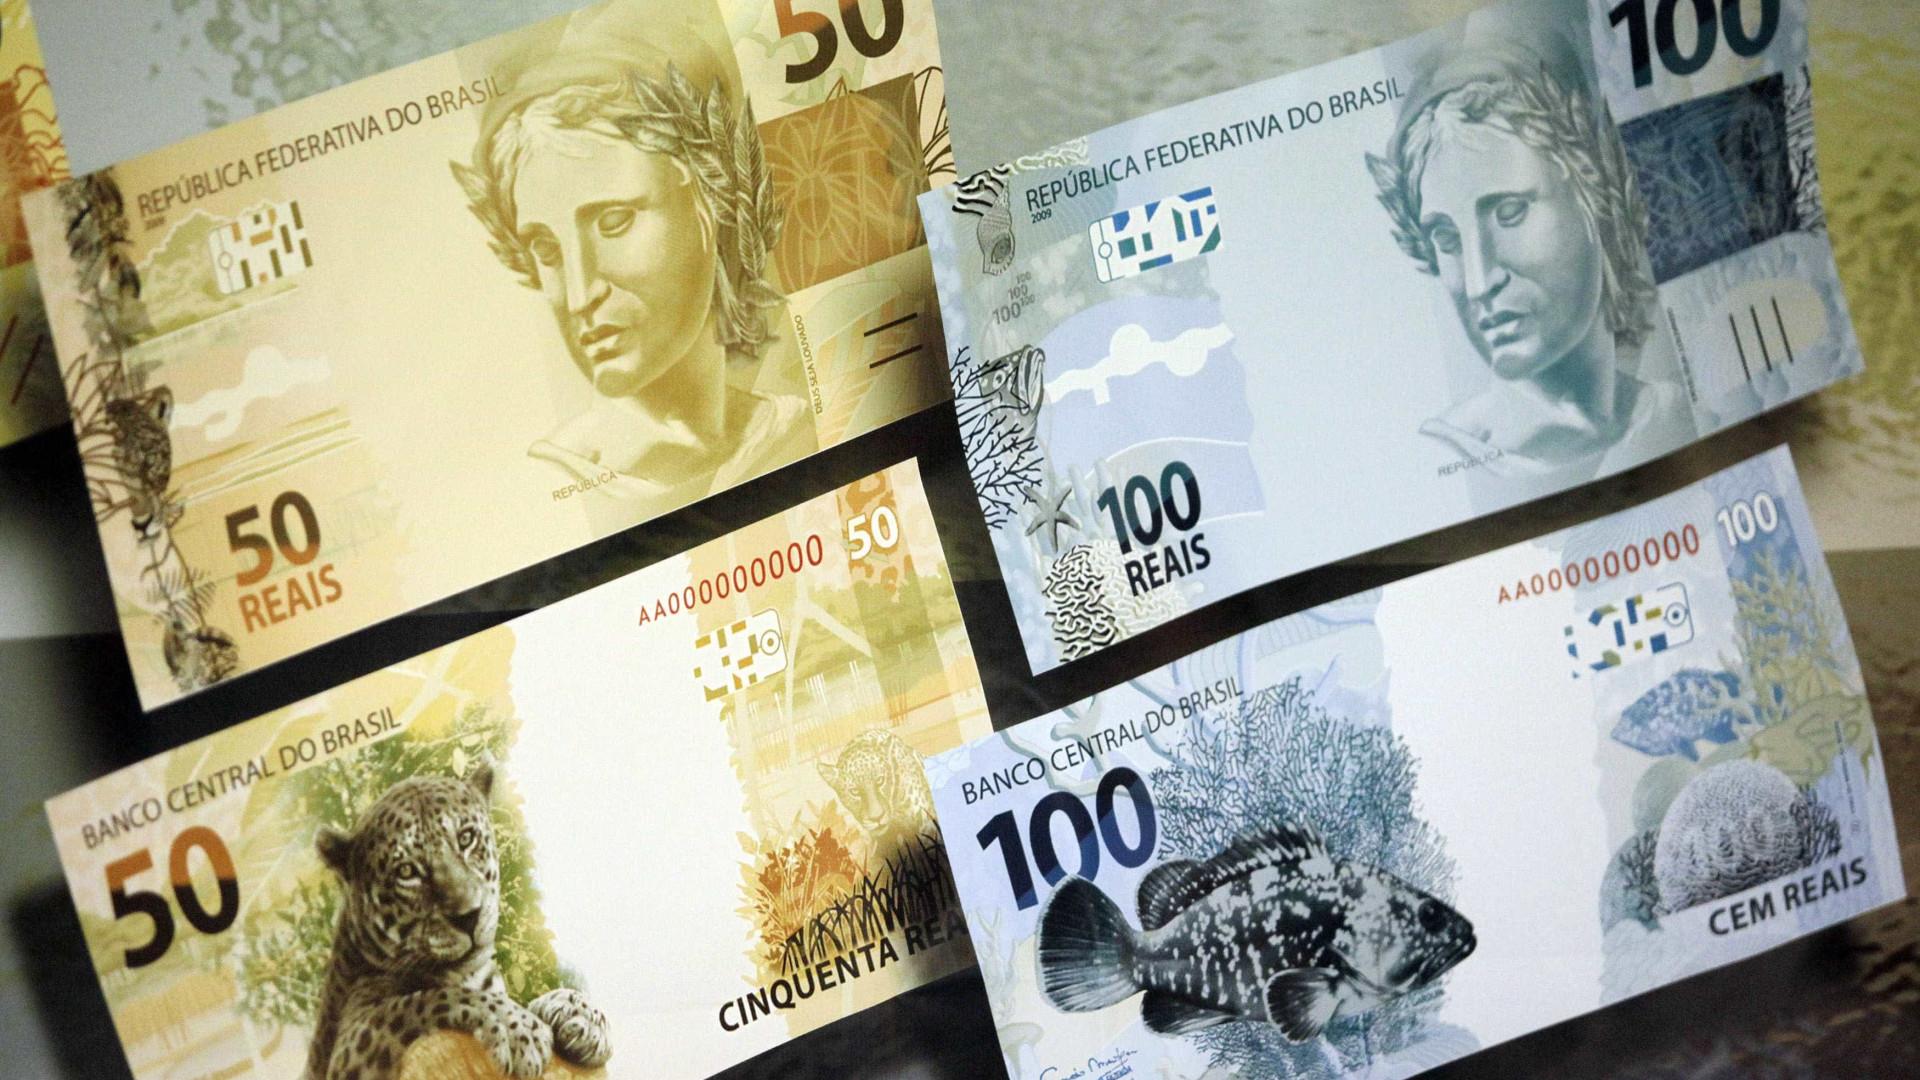 Estudo diz que ajuste fiscal lento comprometerá crescimento do país